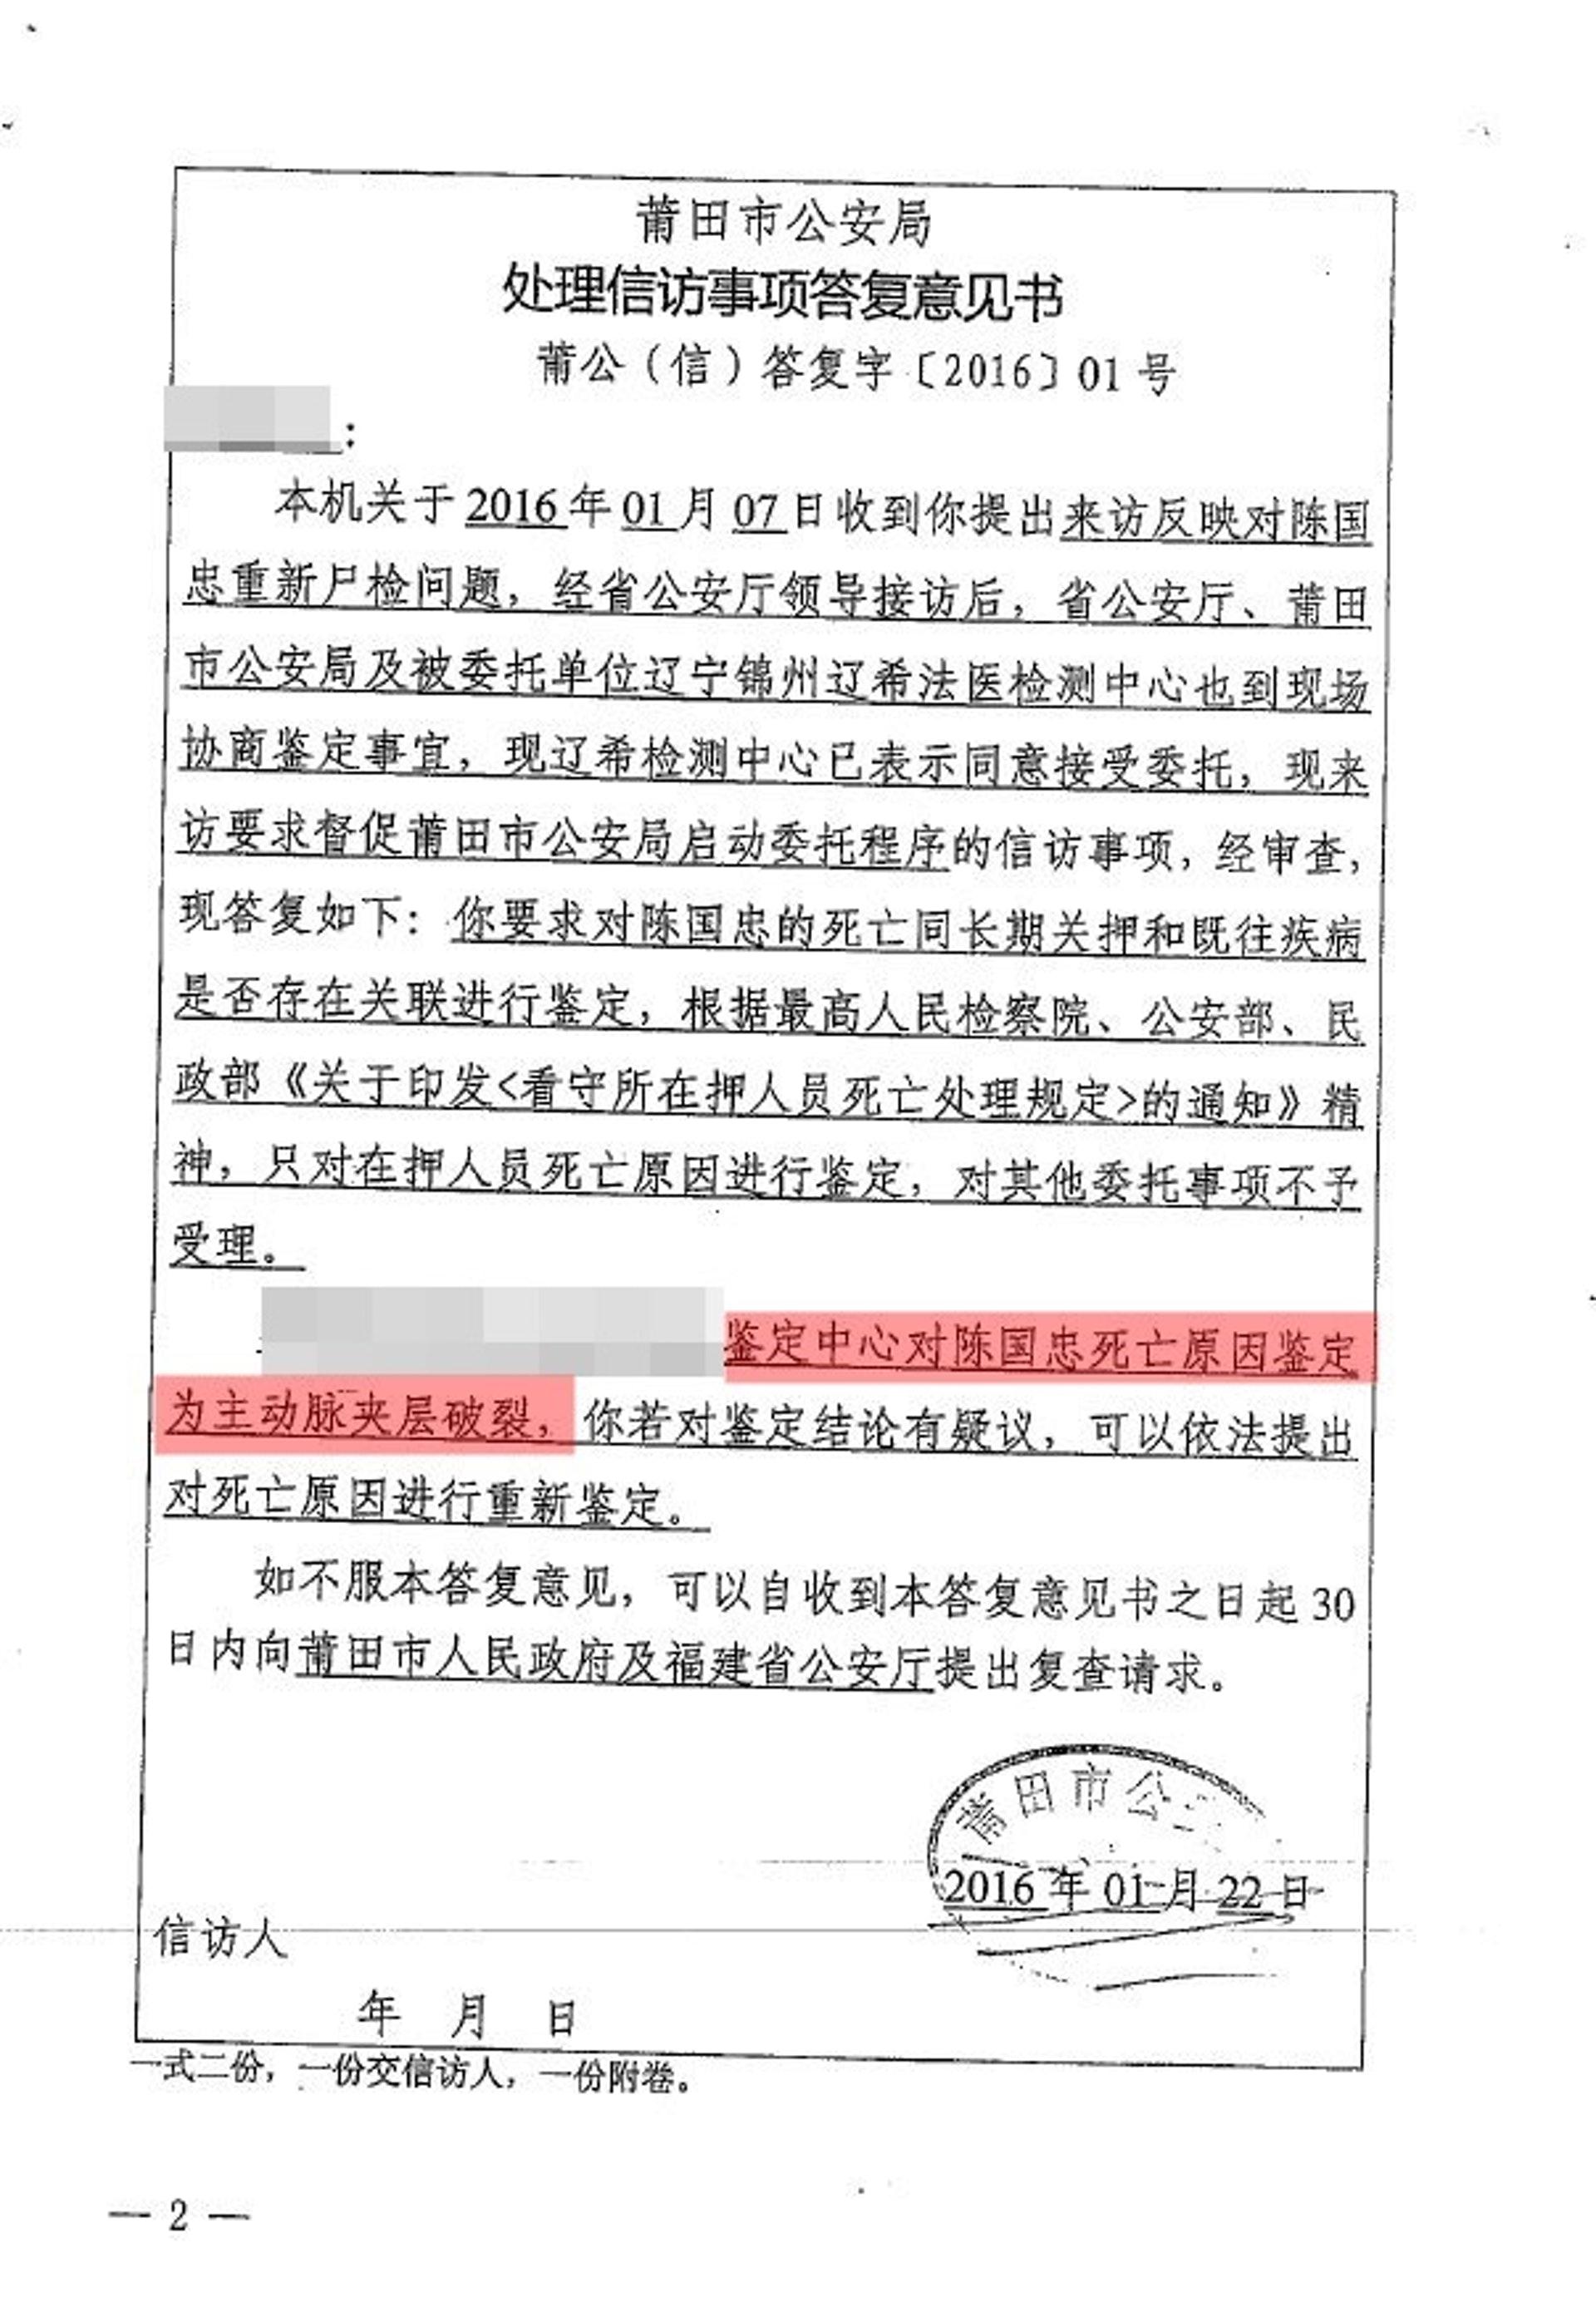 莆田市公安局指,陳國忠死亡原因為主動脈夾層破裂。